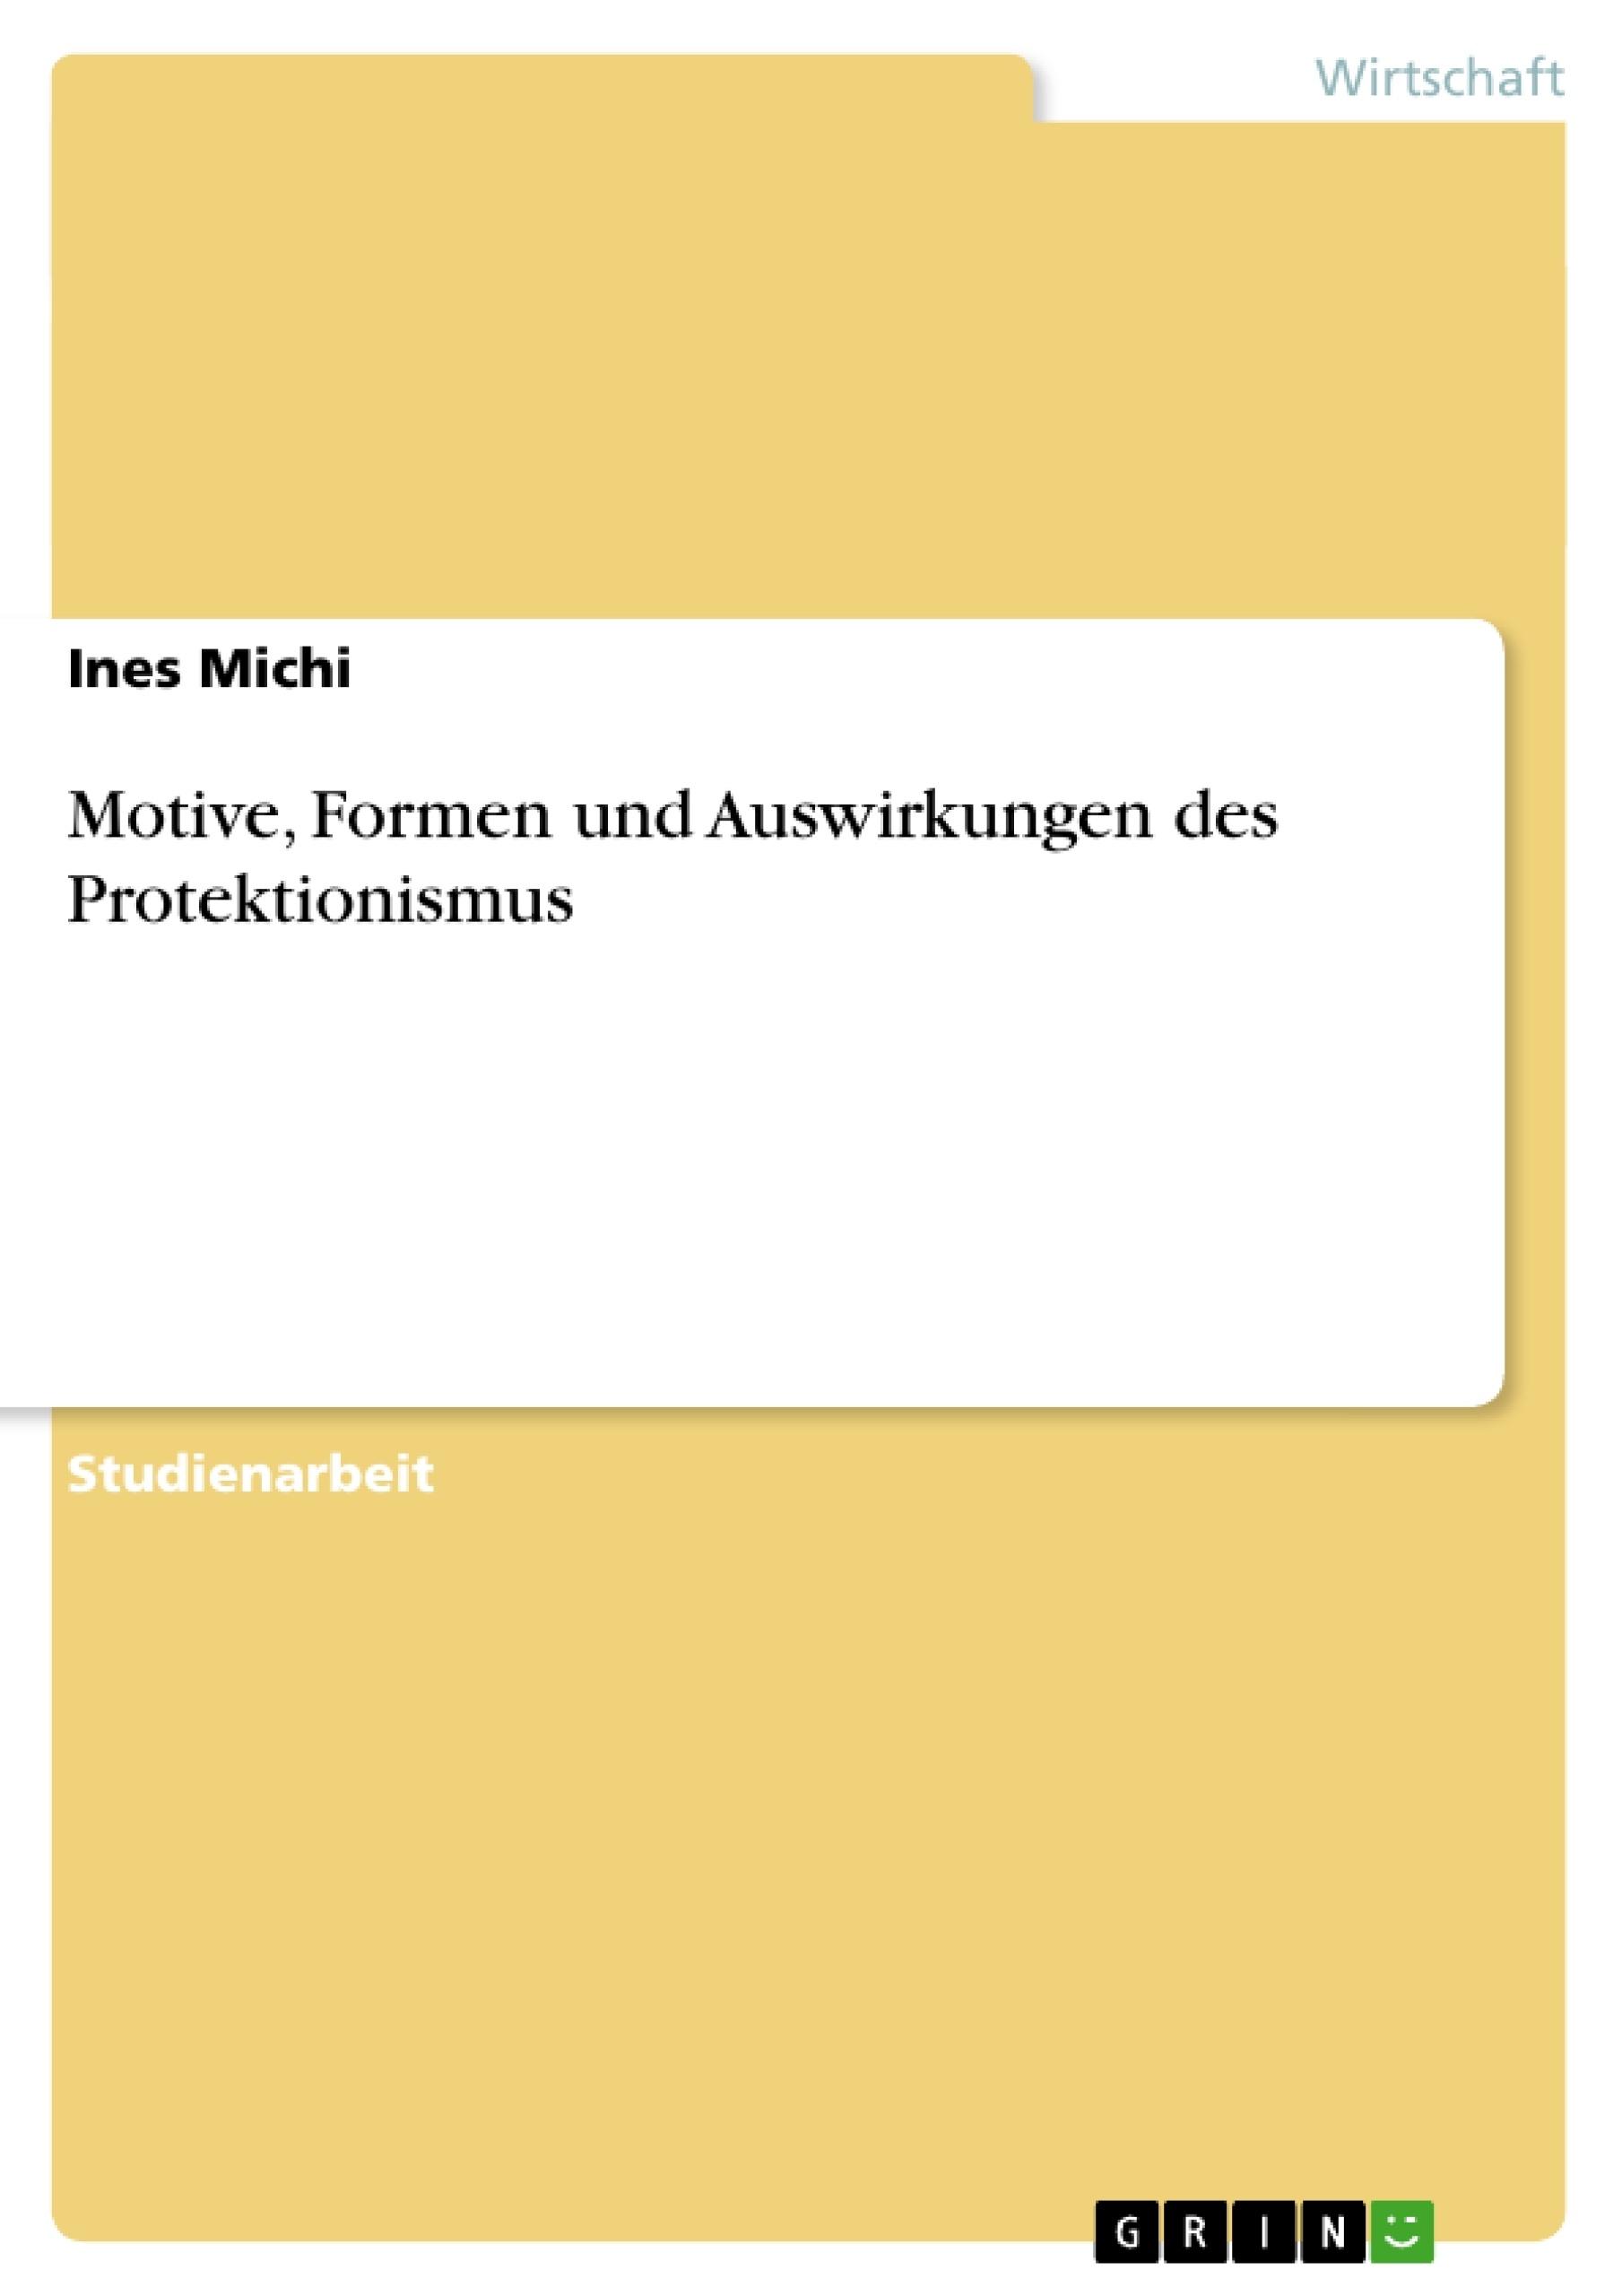 Titel: Motive, Formen und Auswirkungen des Protektionismus